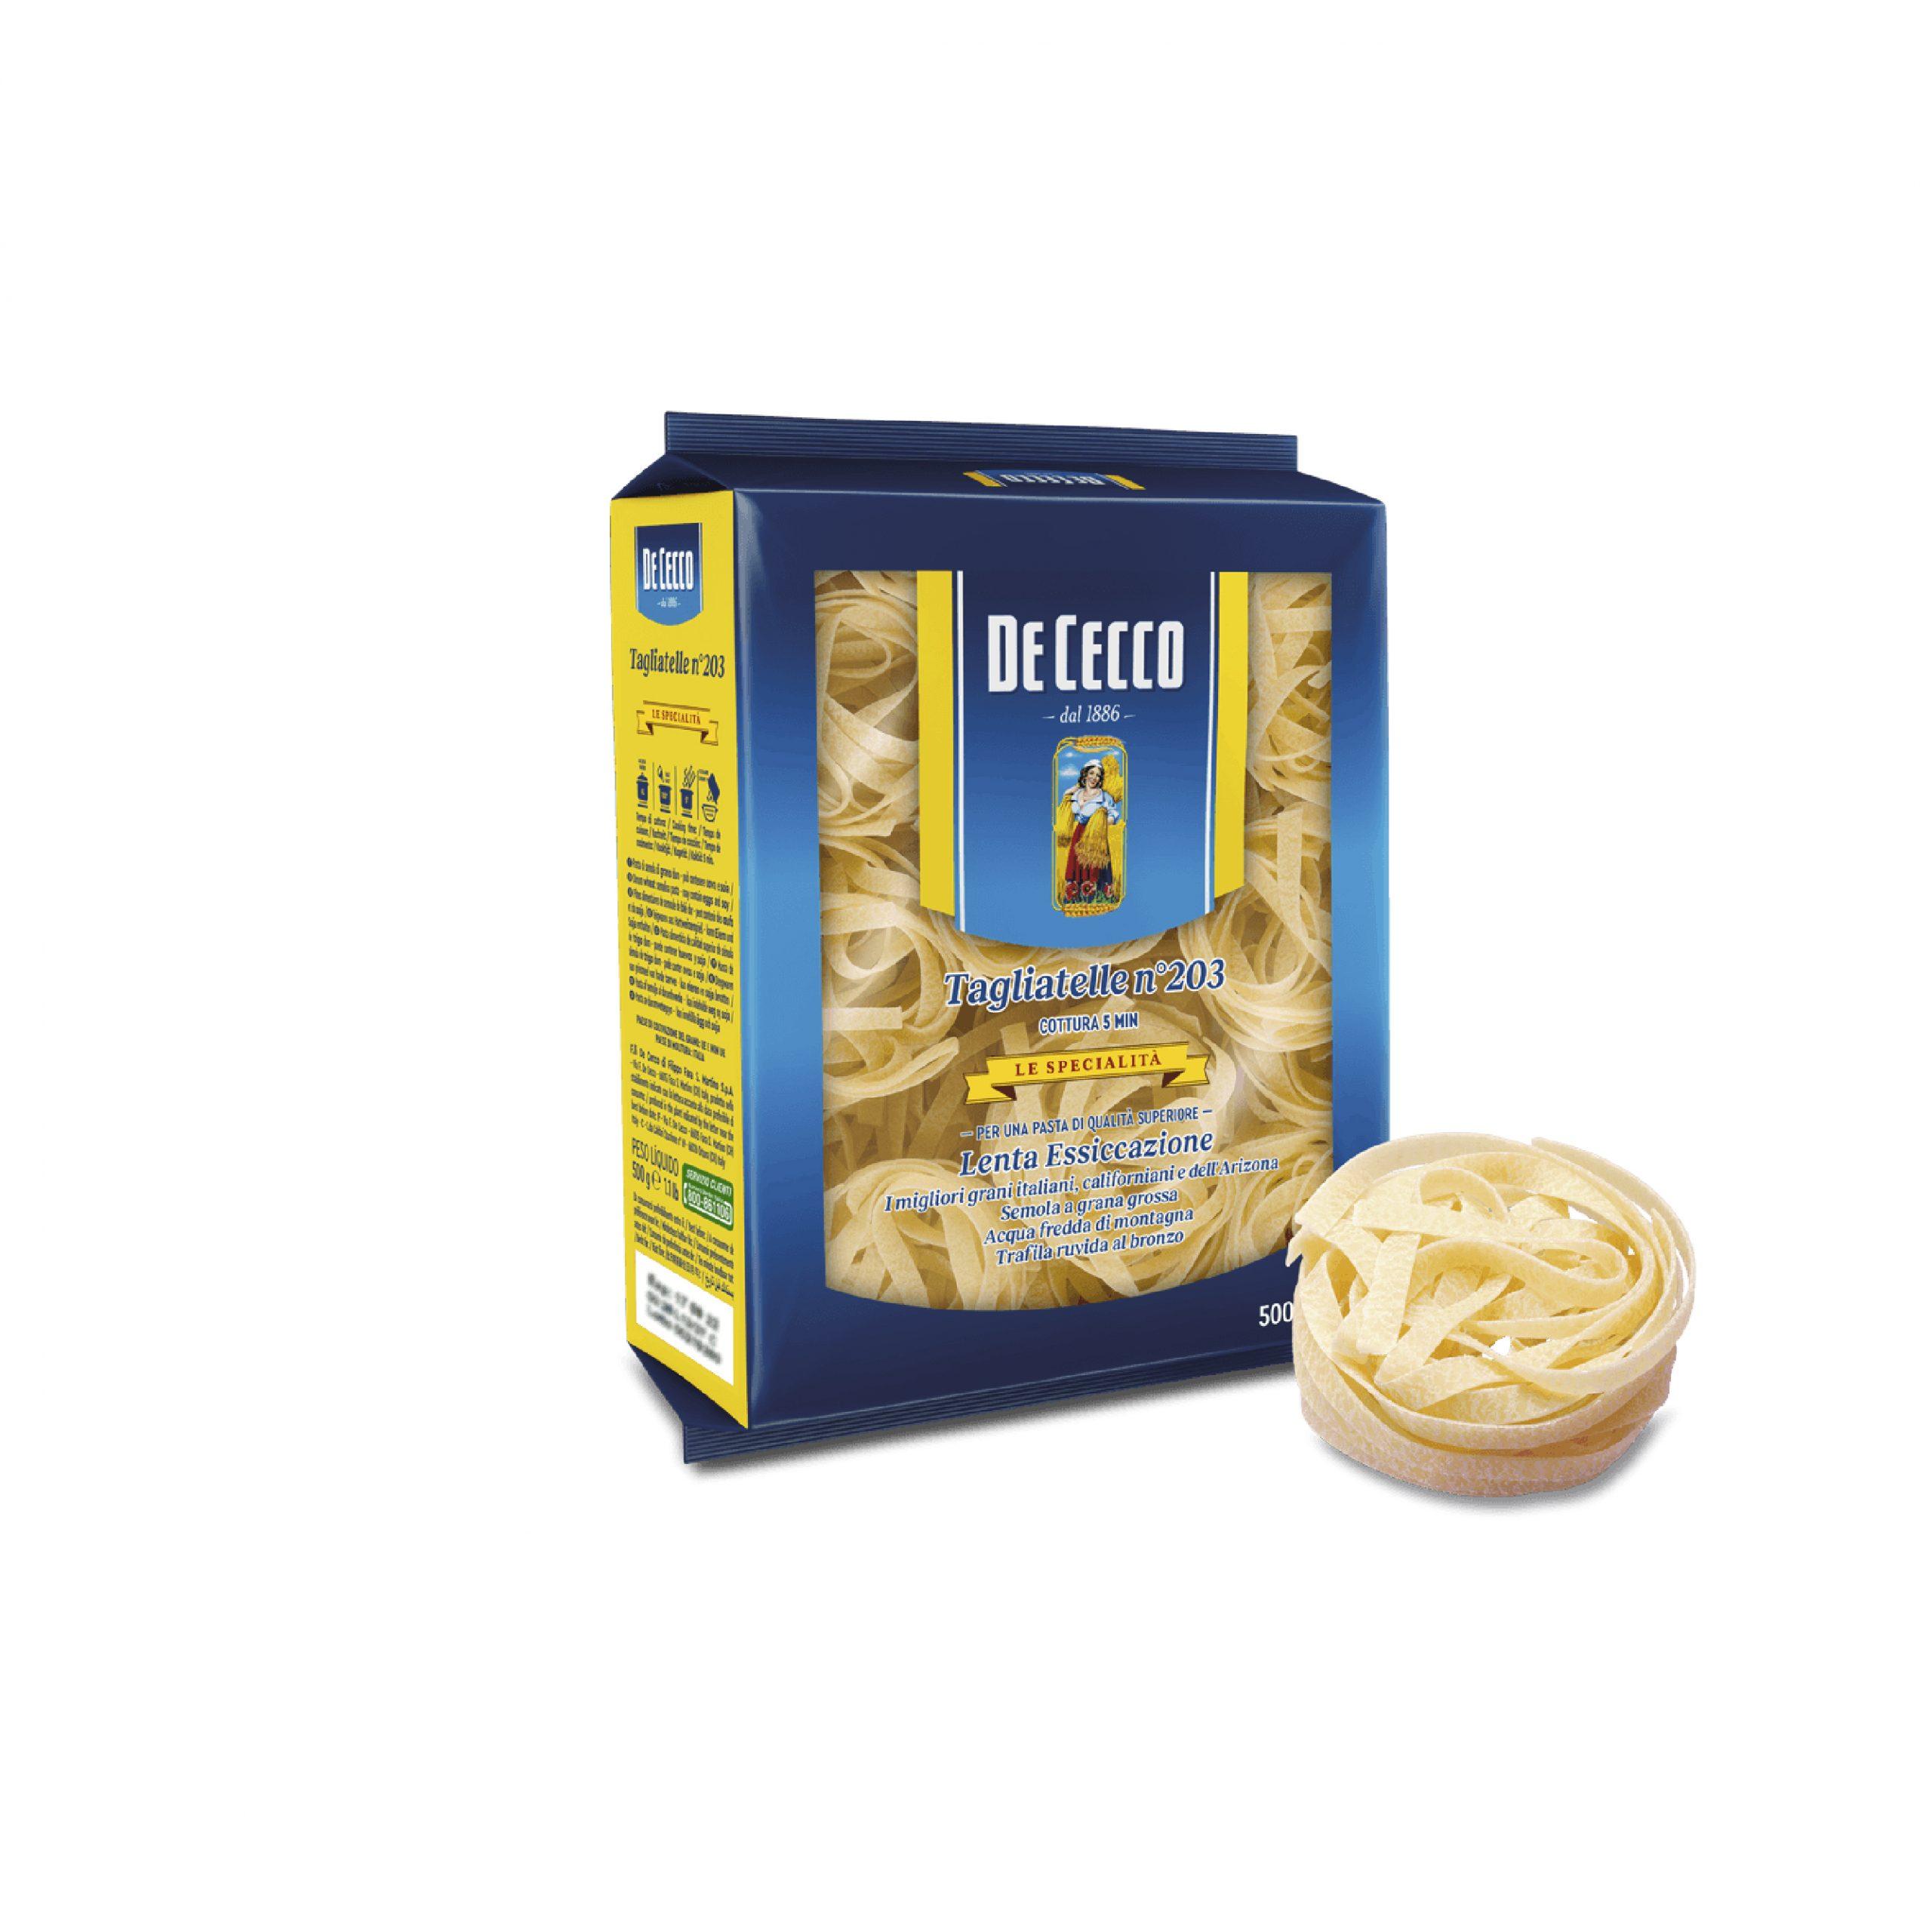 Pasta De Cecco - Tagliatelle 500gr